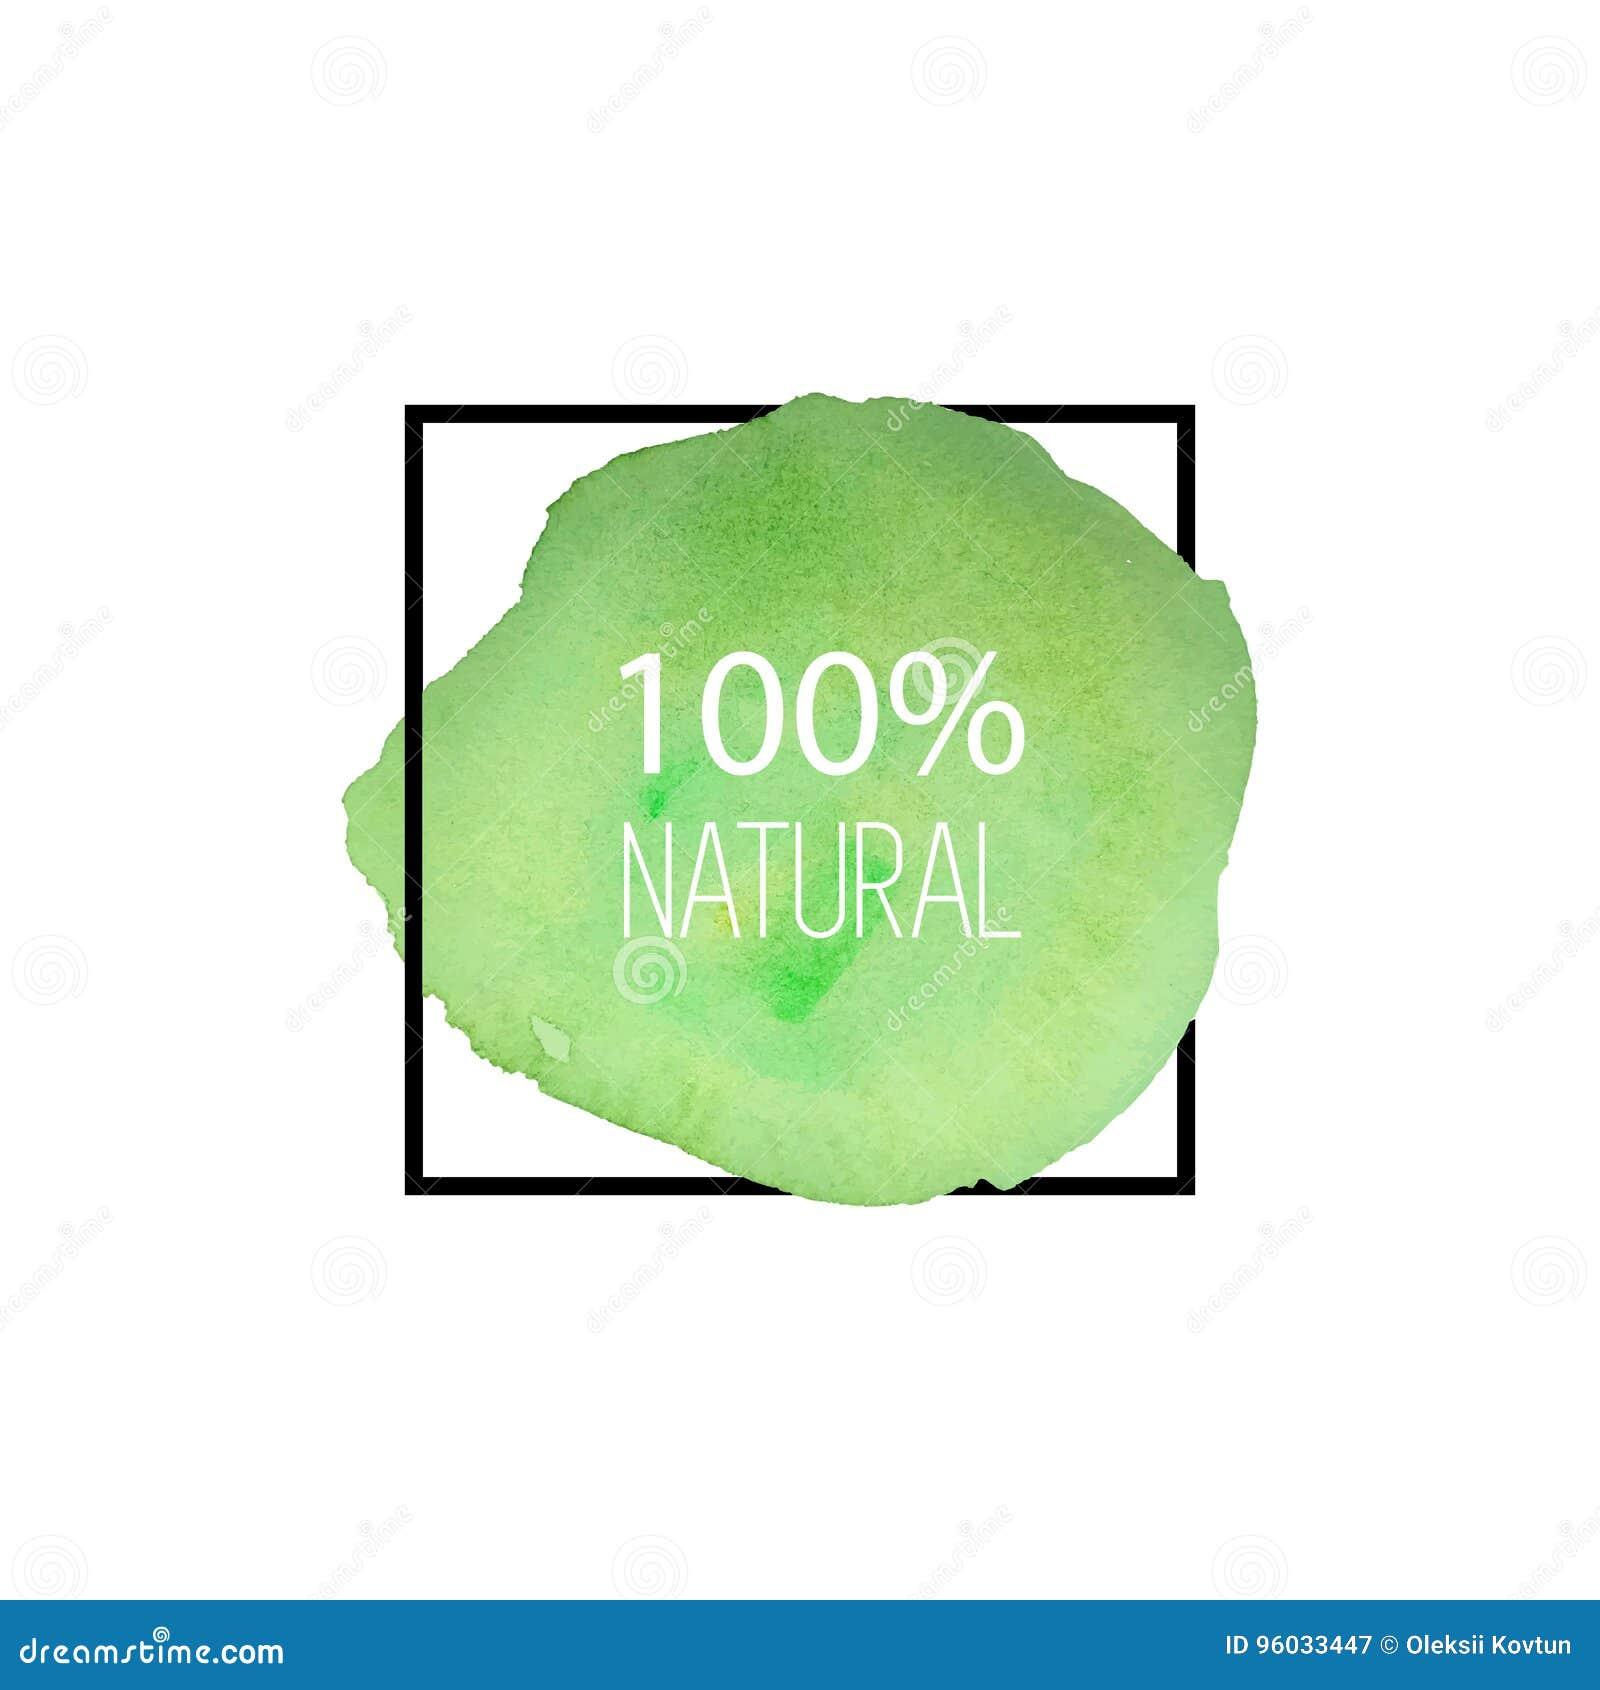 100 naturalny wektor Ręka rysujący akwarela logo jarosz zielony szczotkarski bang okrągły kształt